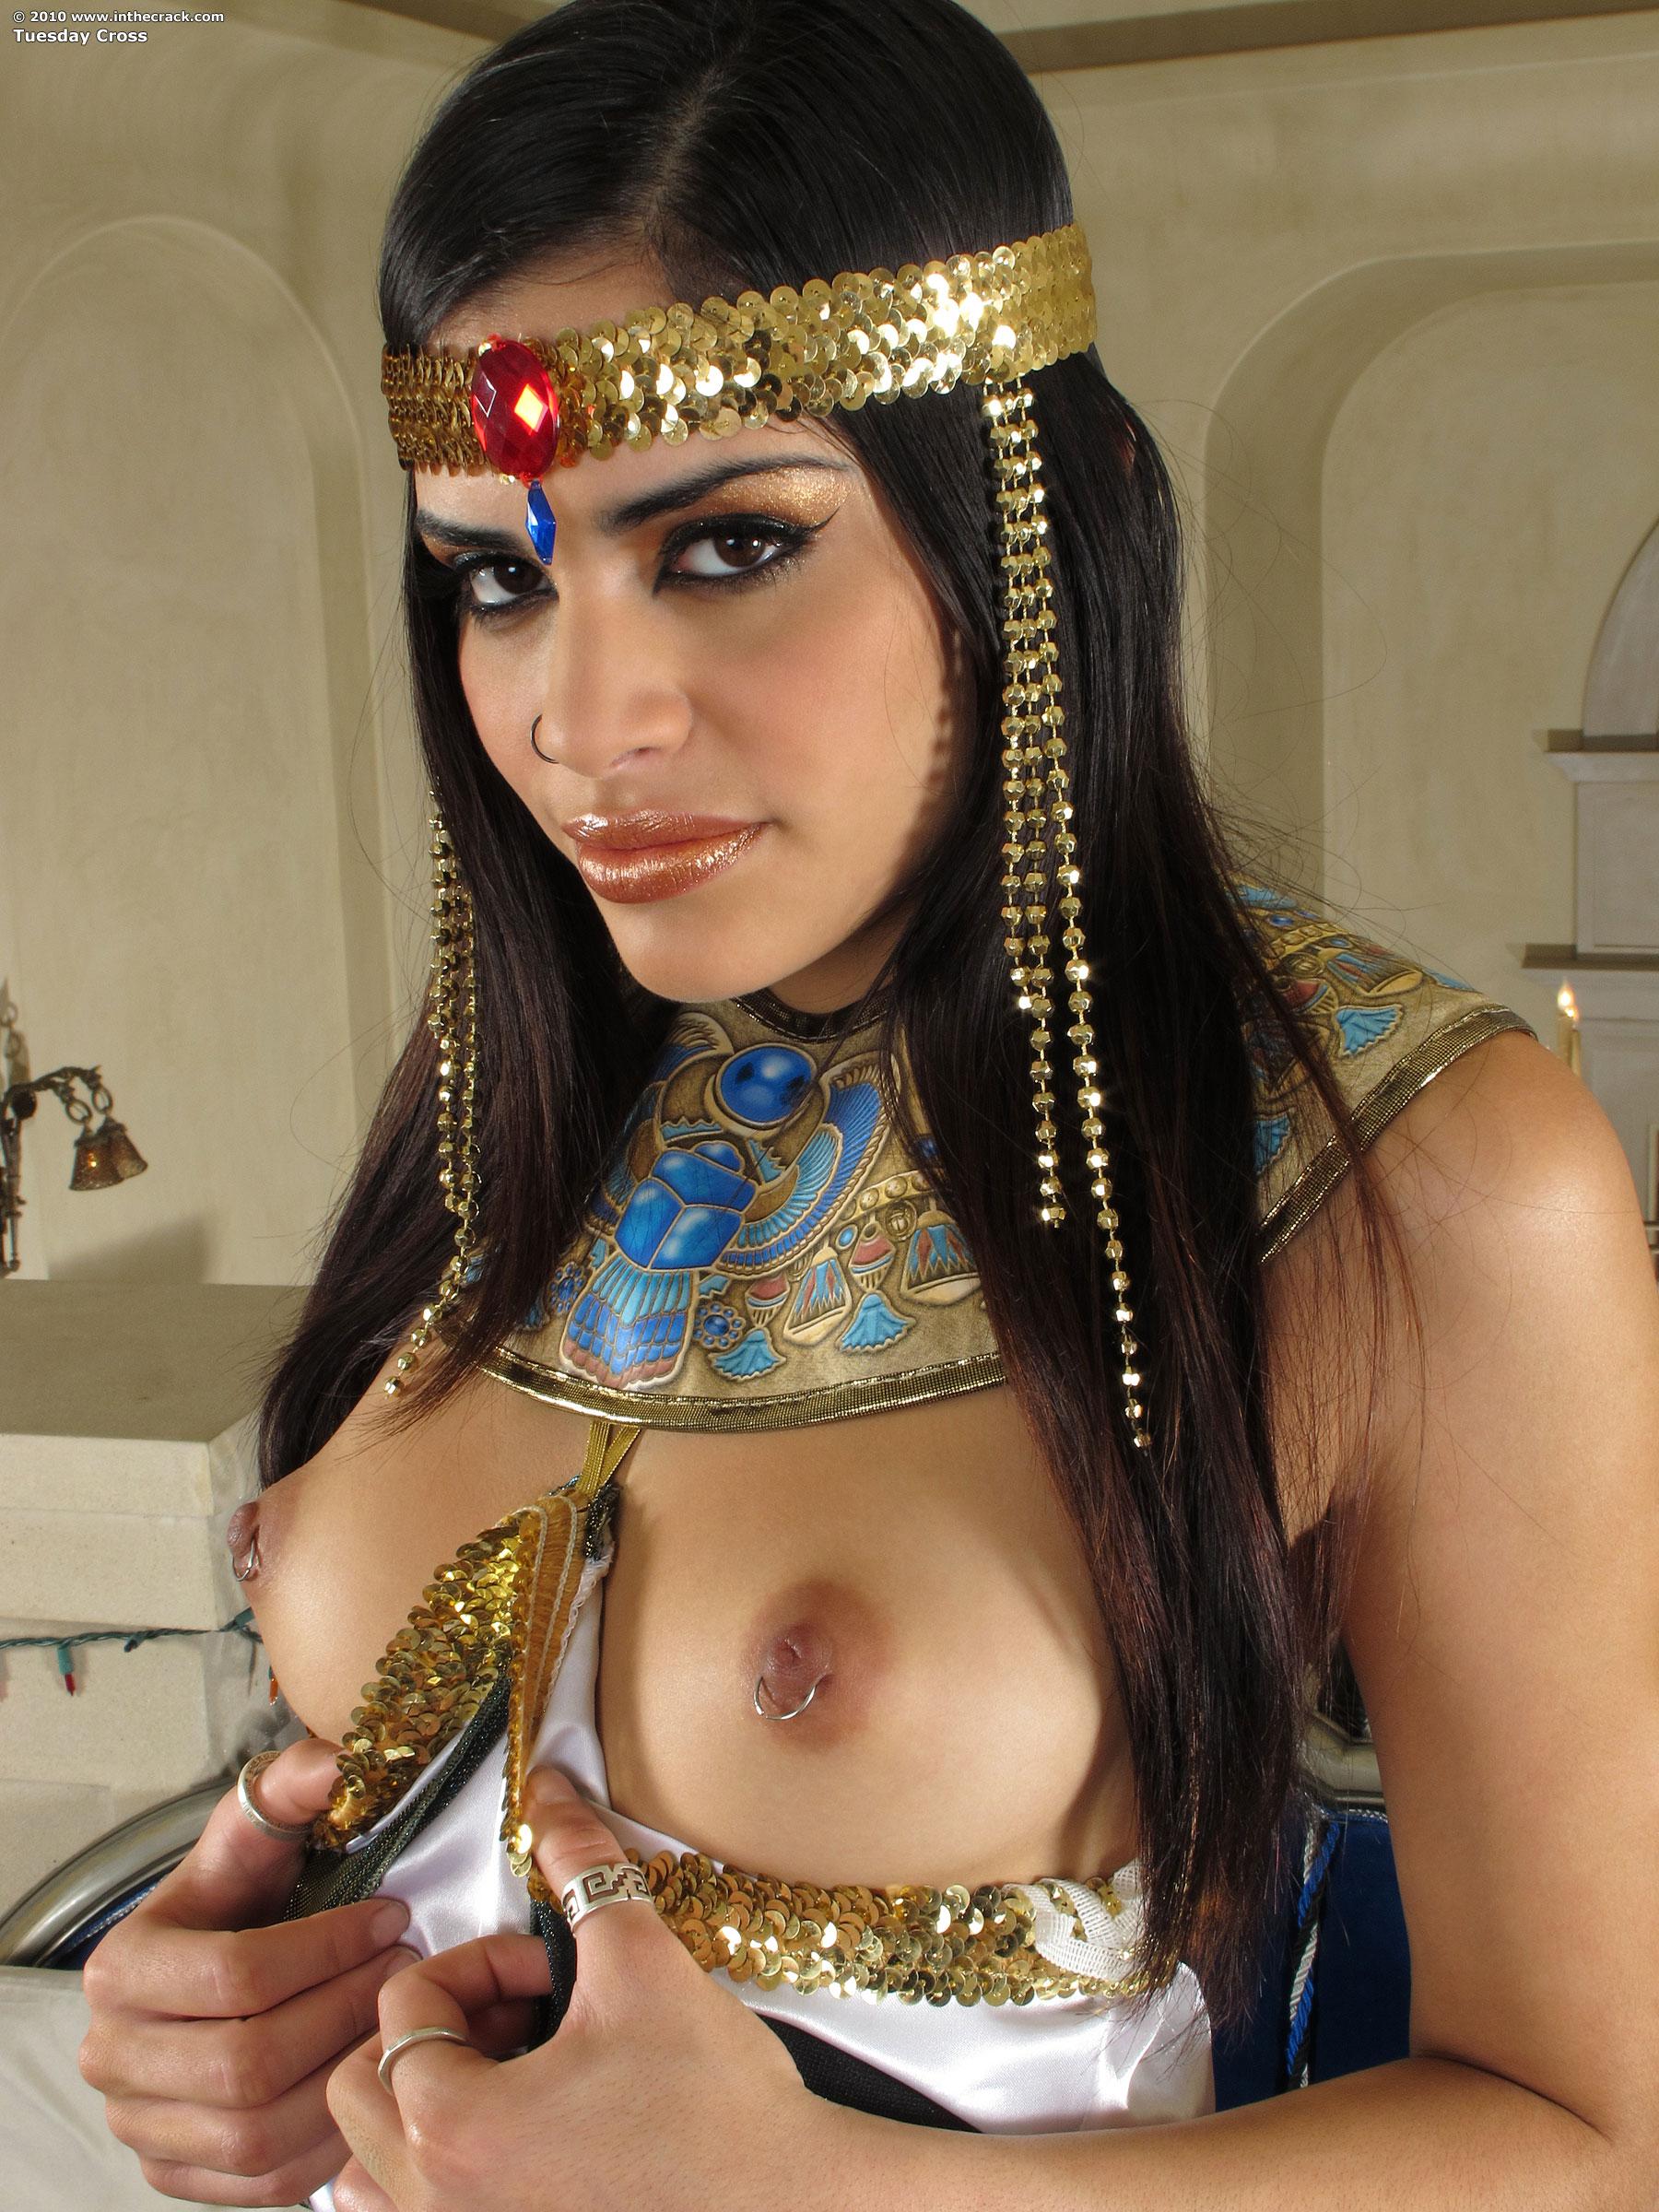 Секси египтянки фото 3 фотография